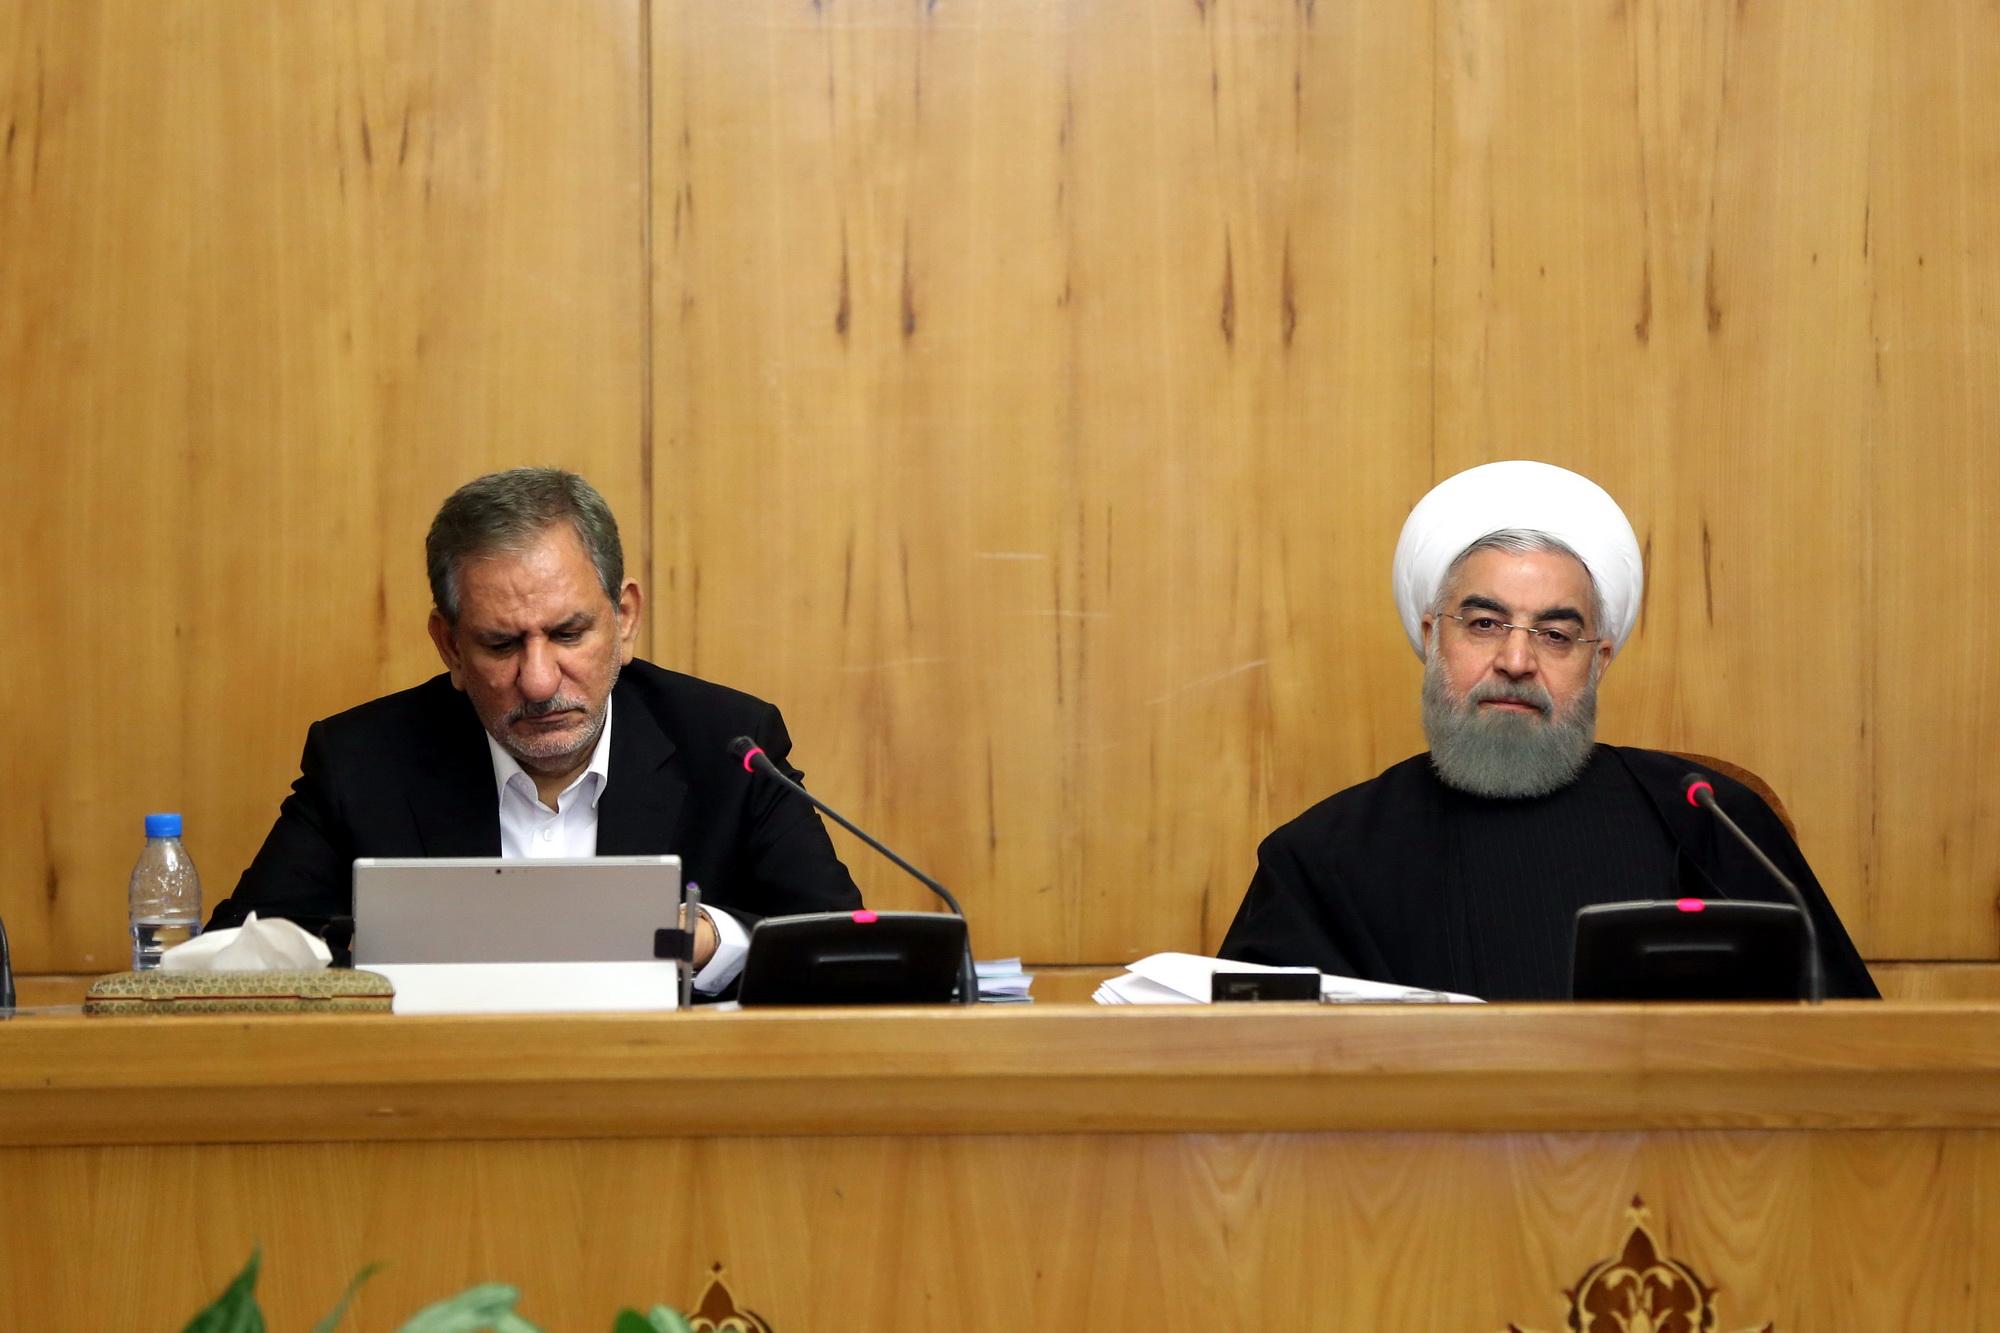 رییس جمهور 2 قانون مصوب مجلس را برای اجرا ابلاغ کرد